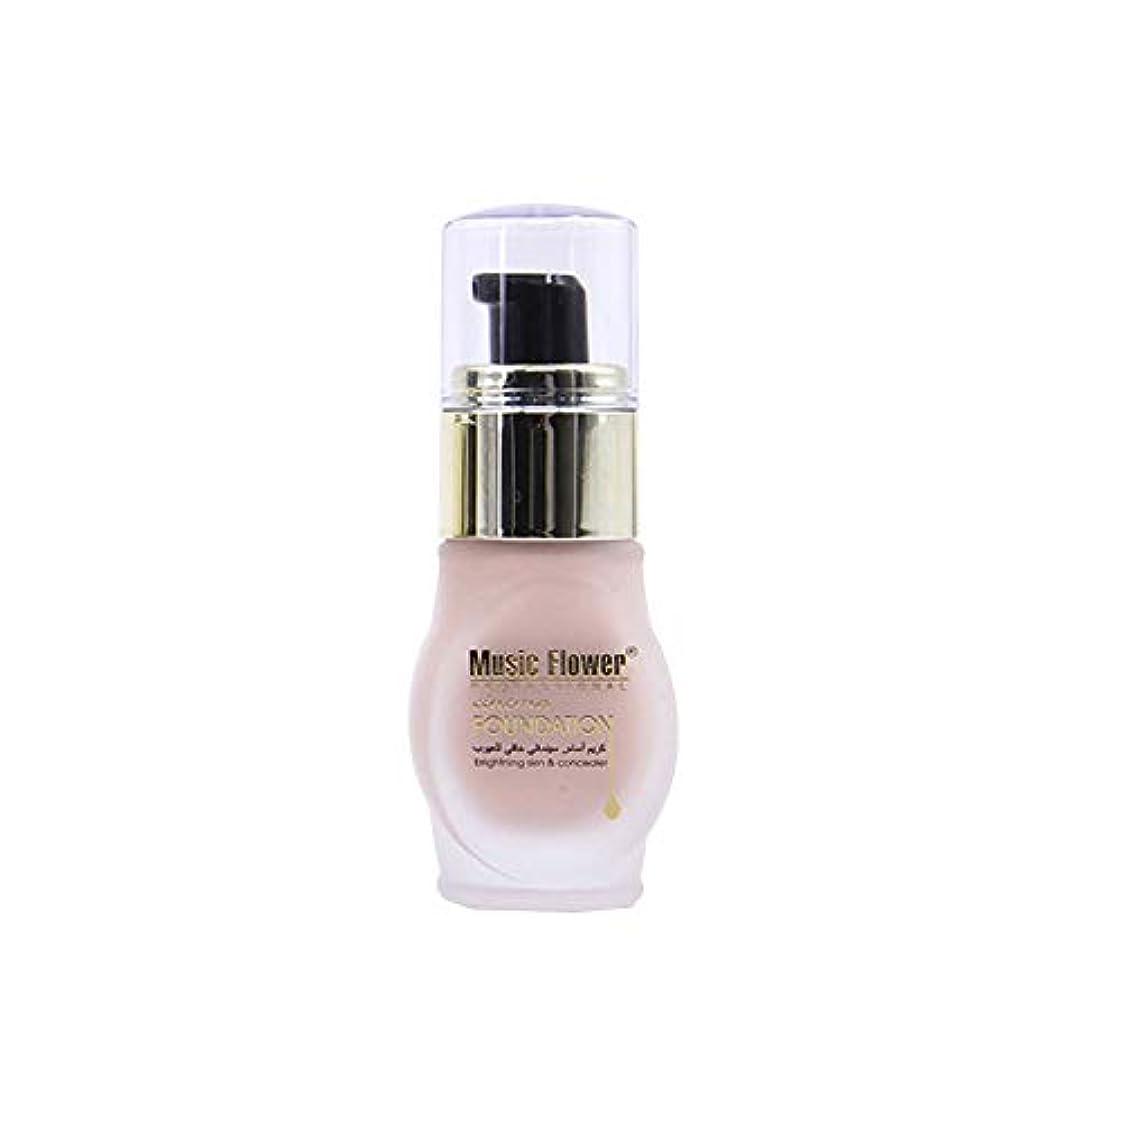 わずかなレッスンこねるビューティー コンシーラー 長続きがする 化粧品 上質 滑らかな風合い 繊細な化粧 自然に見える カバーパーフェクション チップコンシーラー UV対策 裸化粧品